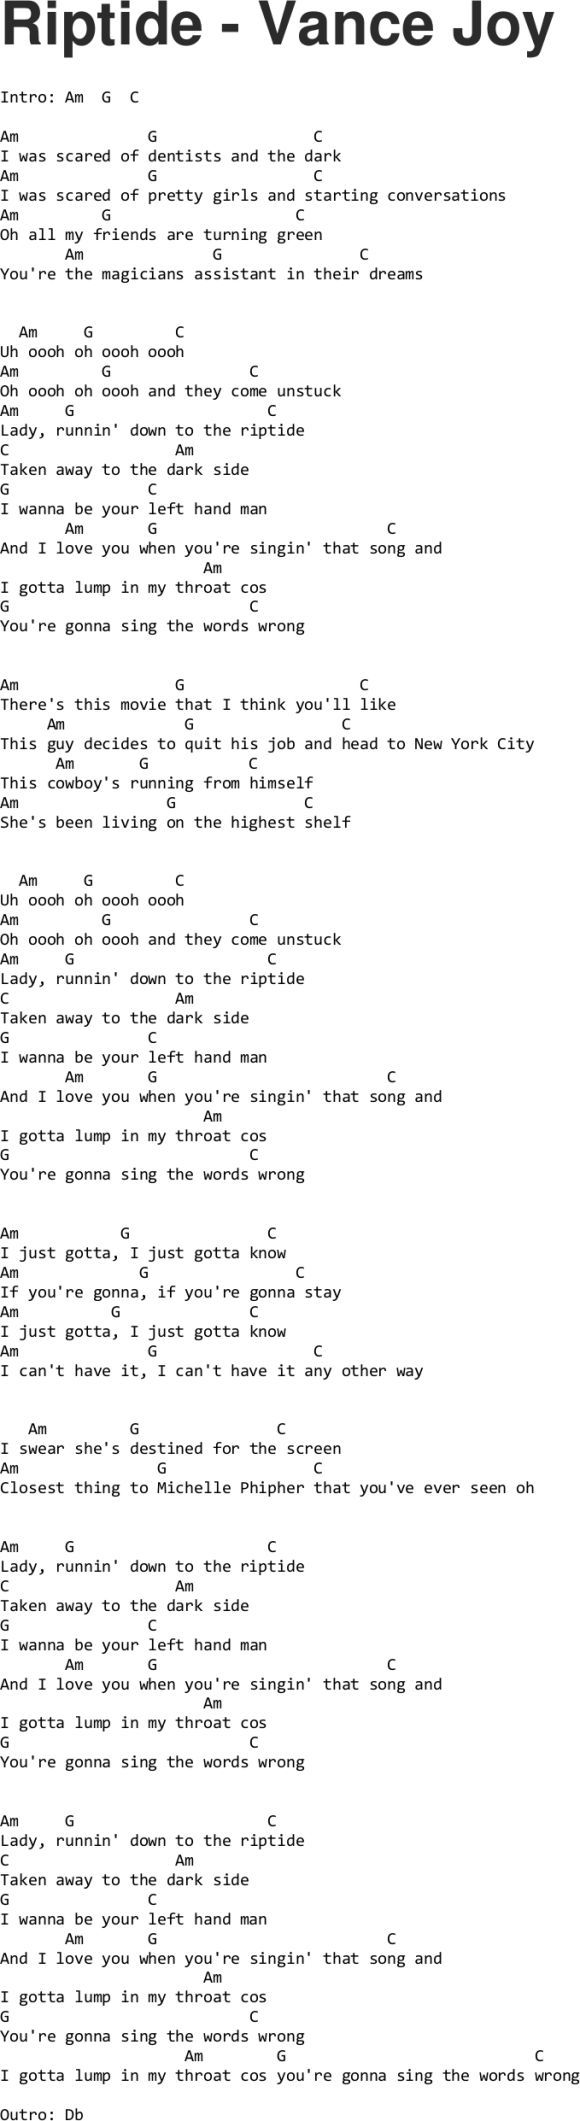 Riptide vance joy ukulele tabs music class pinterest vance riptide vance joy ukulele tabs hexwebz Images